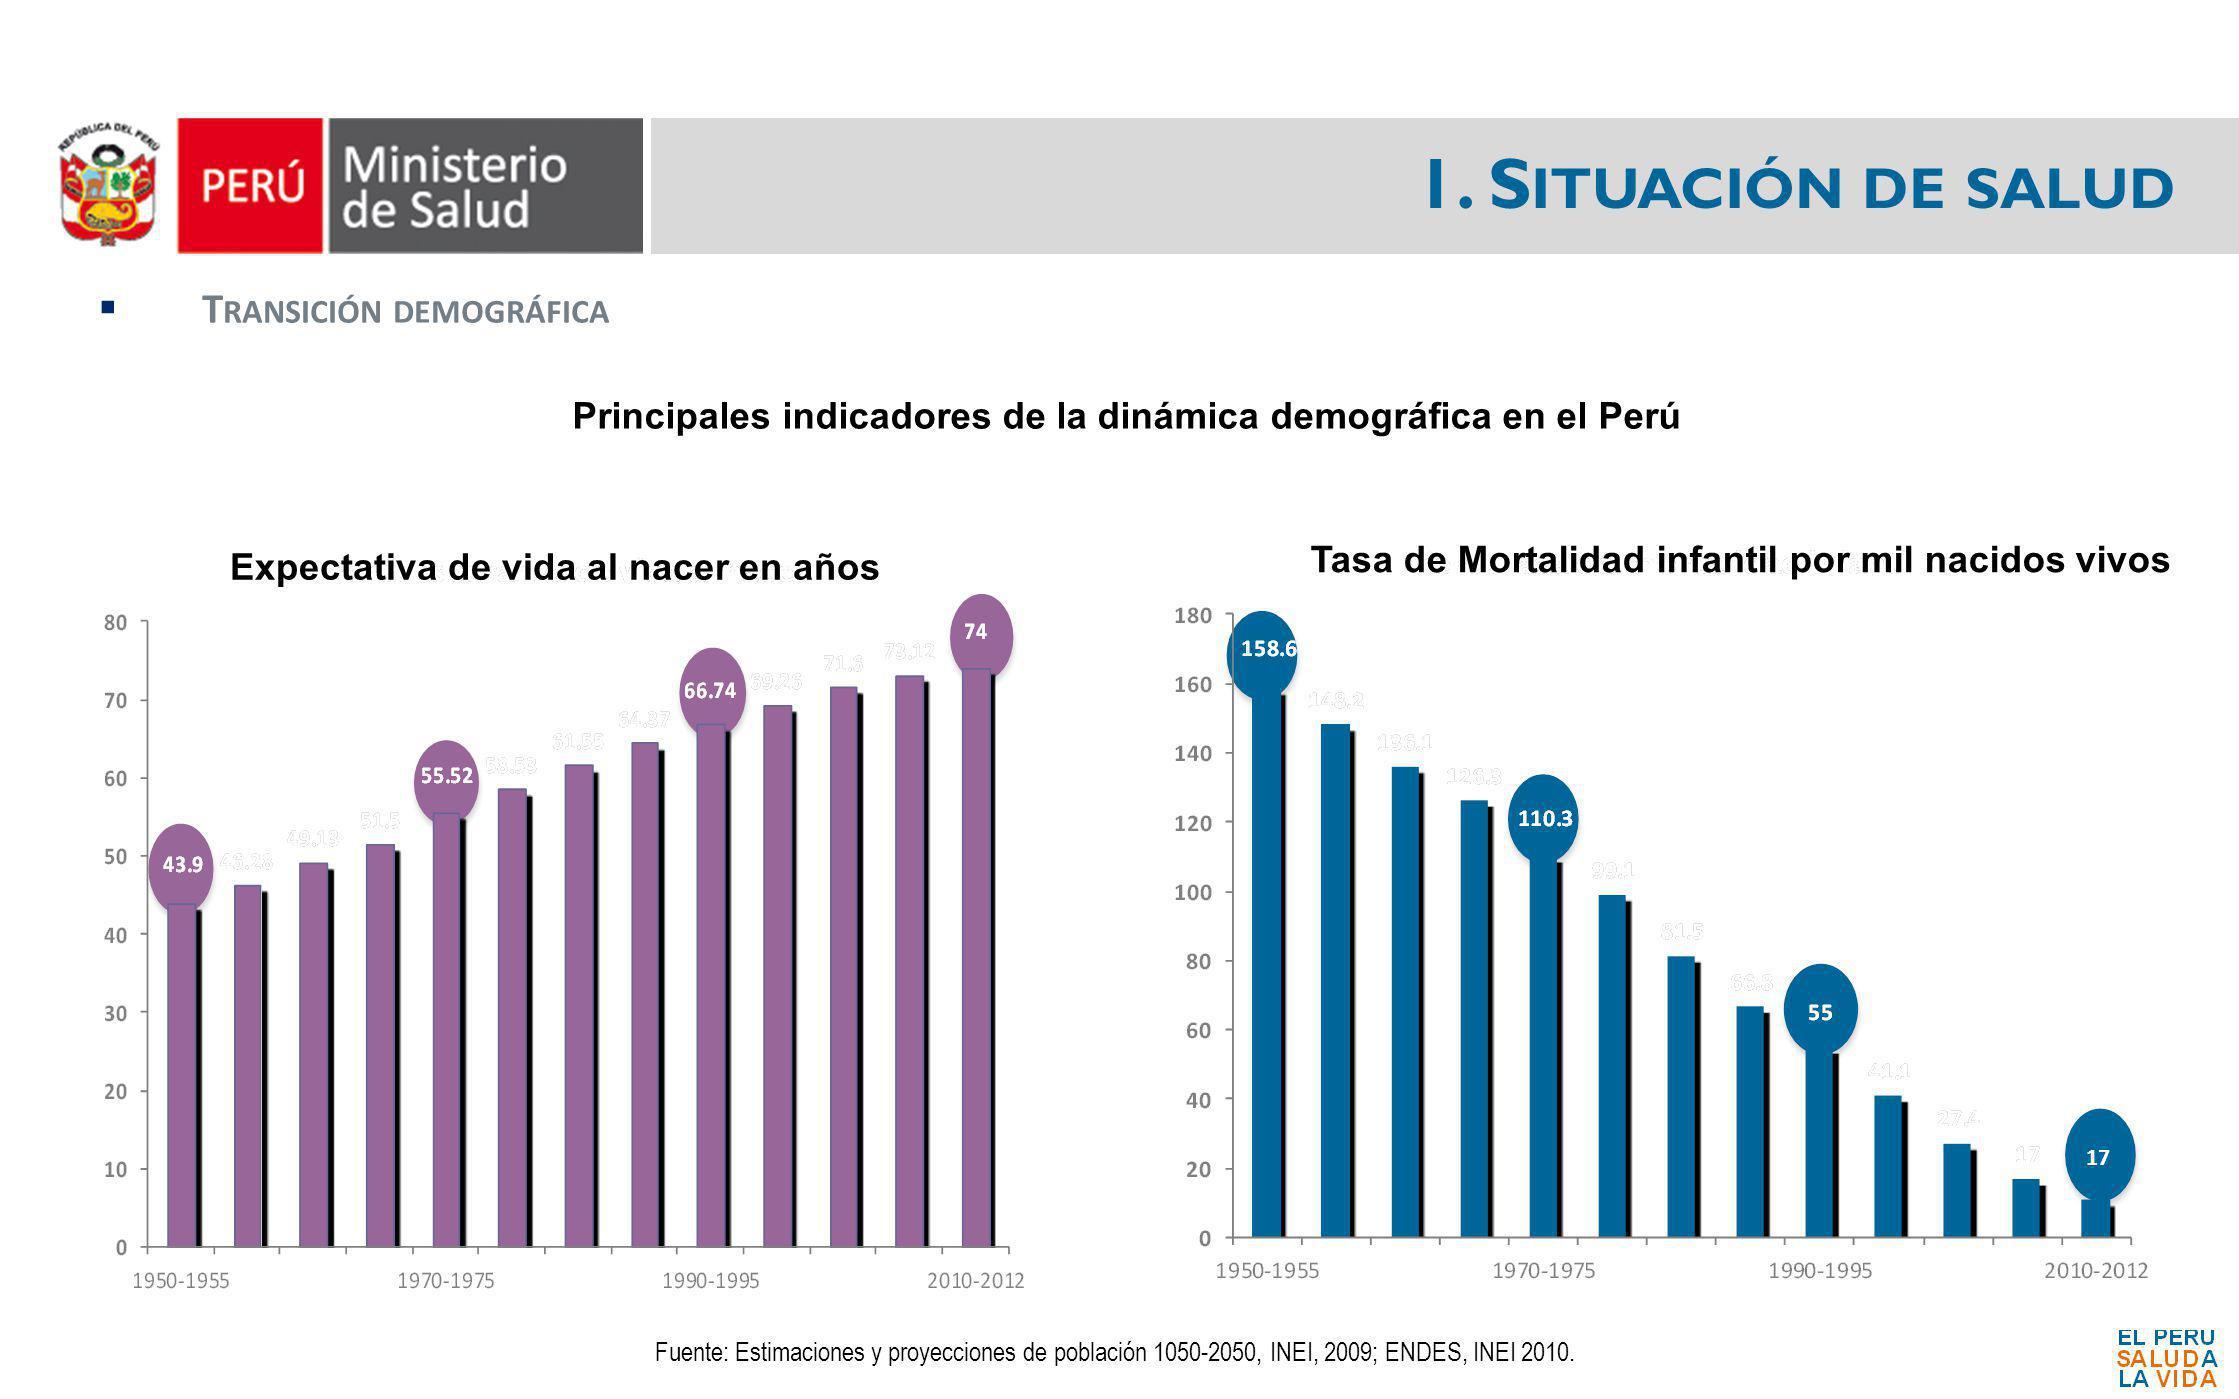 1. S ITUACIÓN DE SALUD T RANSICIÓN DEMOGRÁFICA Fuente: Estimaciones y proyecciones de población 1050-2050, INEI, 2009; ENDES, INEI 2010. Principales i